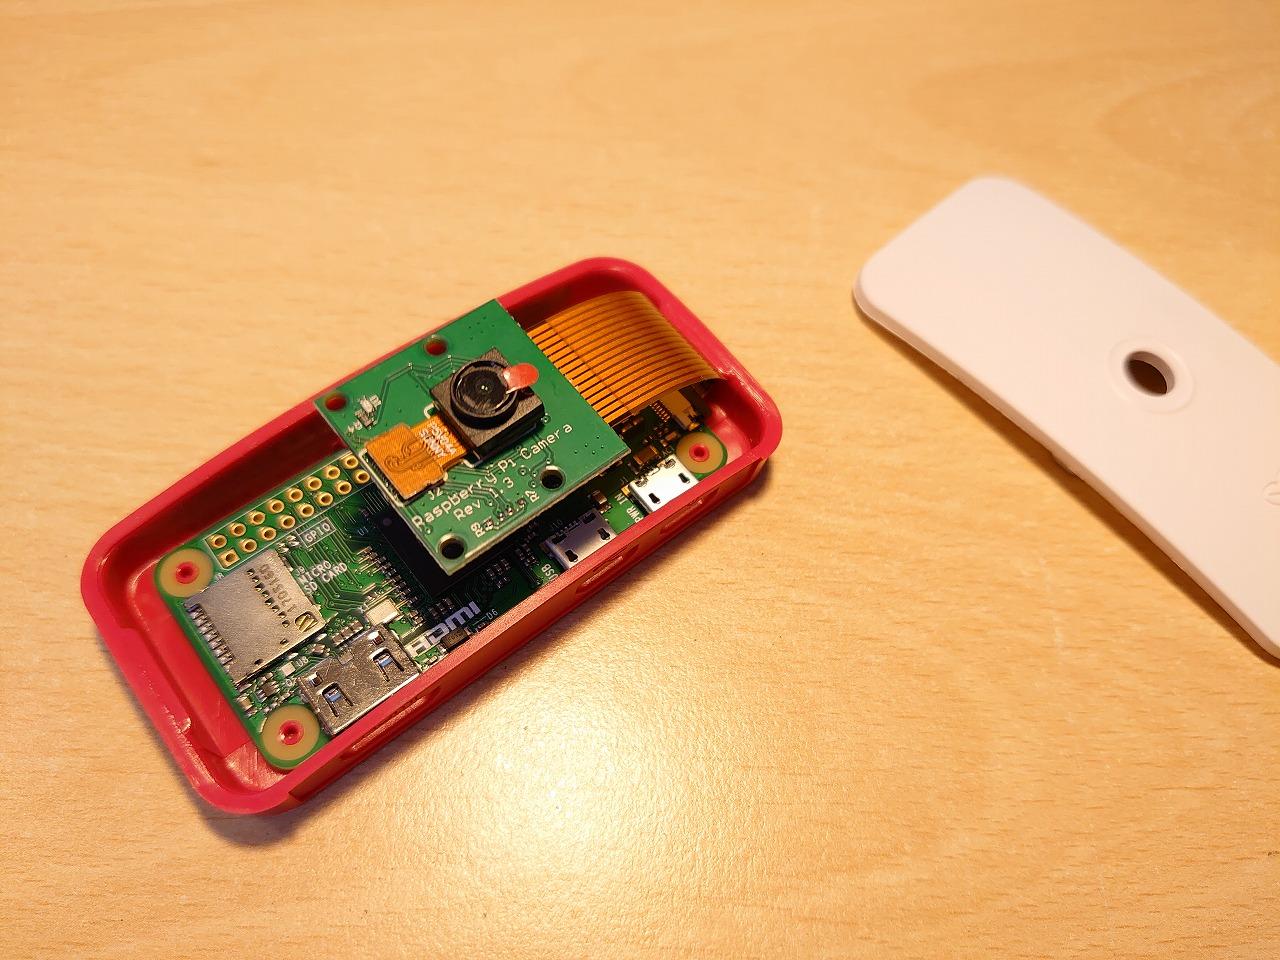 【最近購入した物】Raspberry Pi Camera/ABSカバーシェルシェルなど